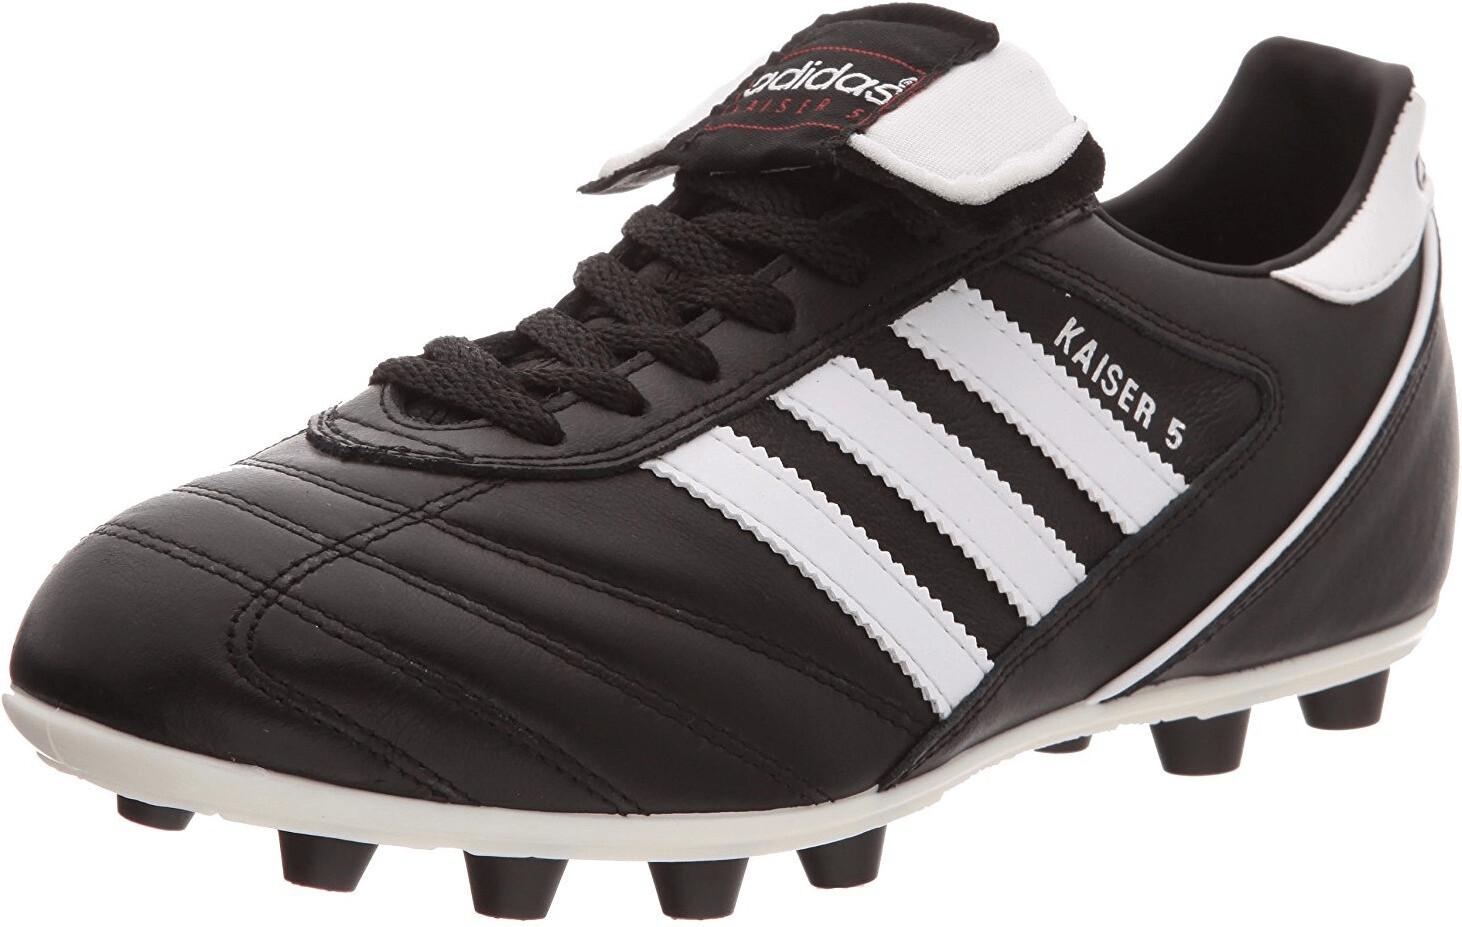 Adidas Kaiser 5 Liga black/running white/red